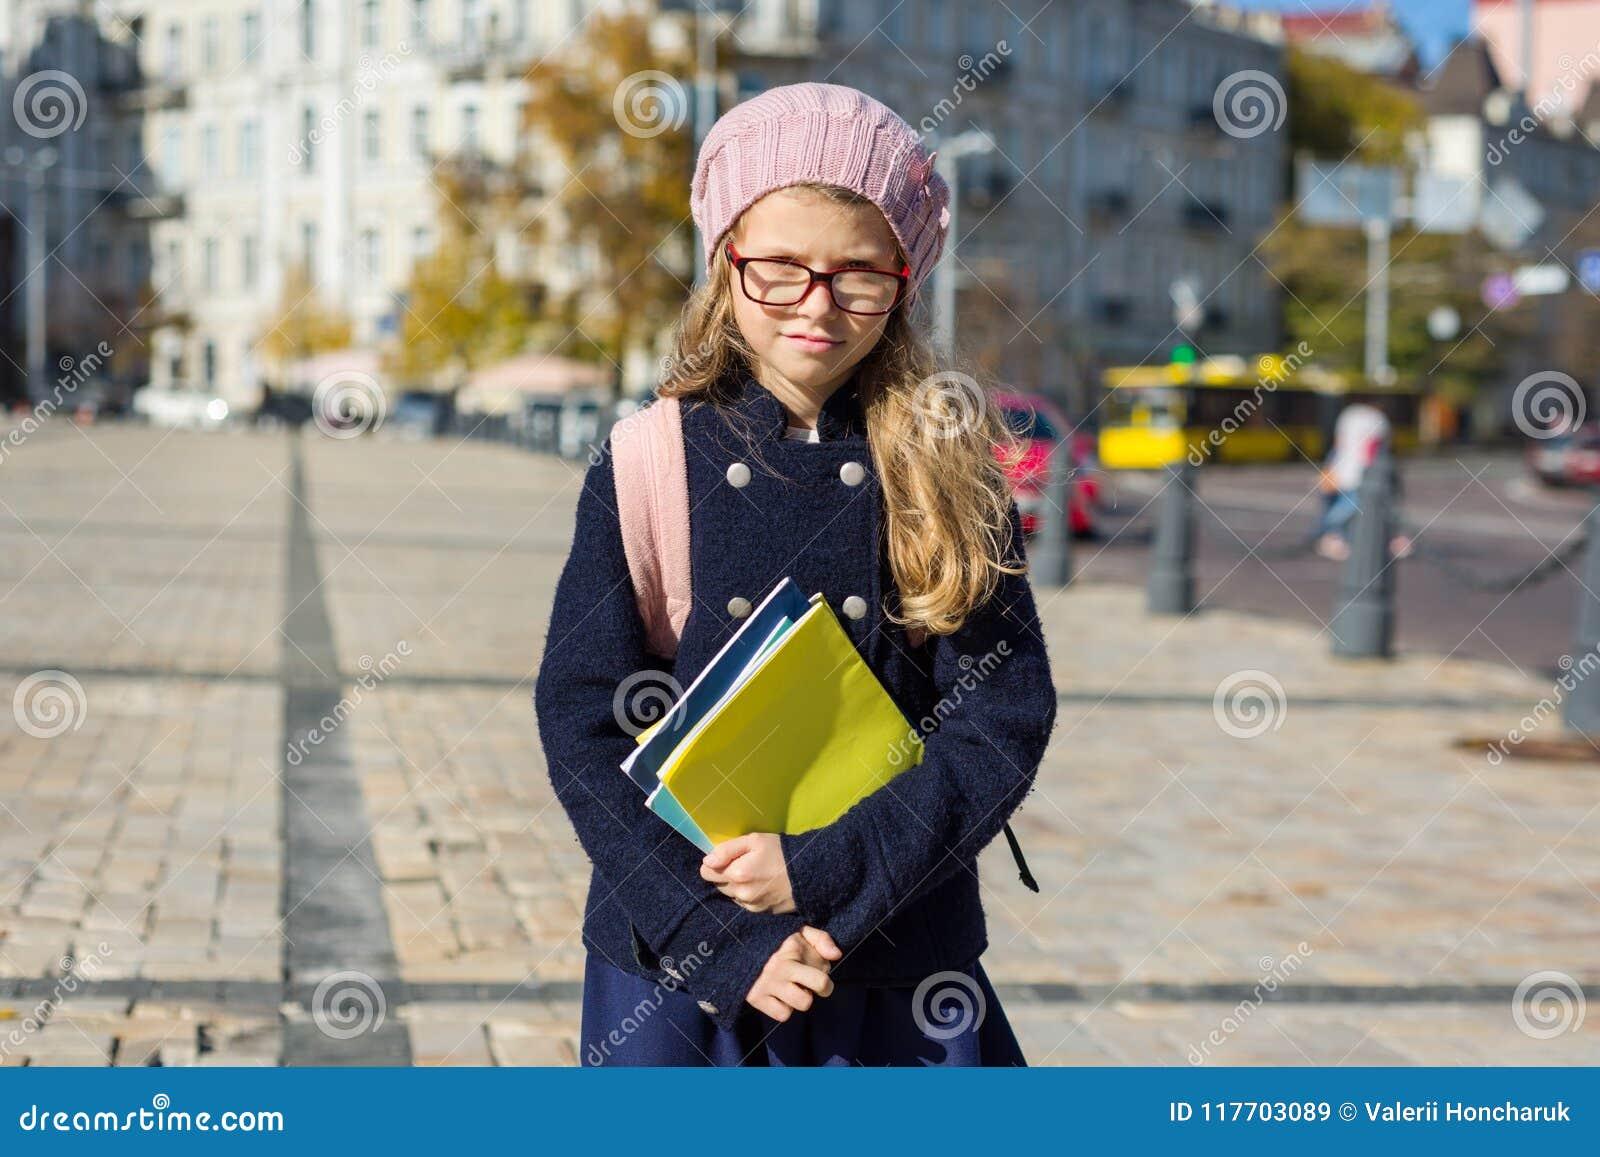 Śliczny dziewczyny dziecko z plecakiem, notatniki, w francuza berecie i żakiecie tło miejskie